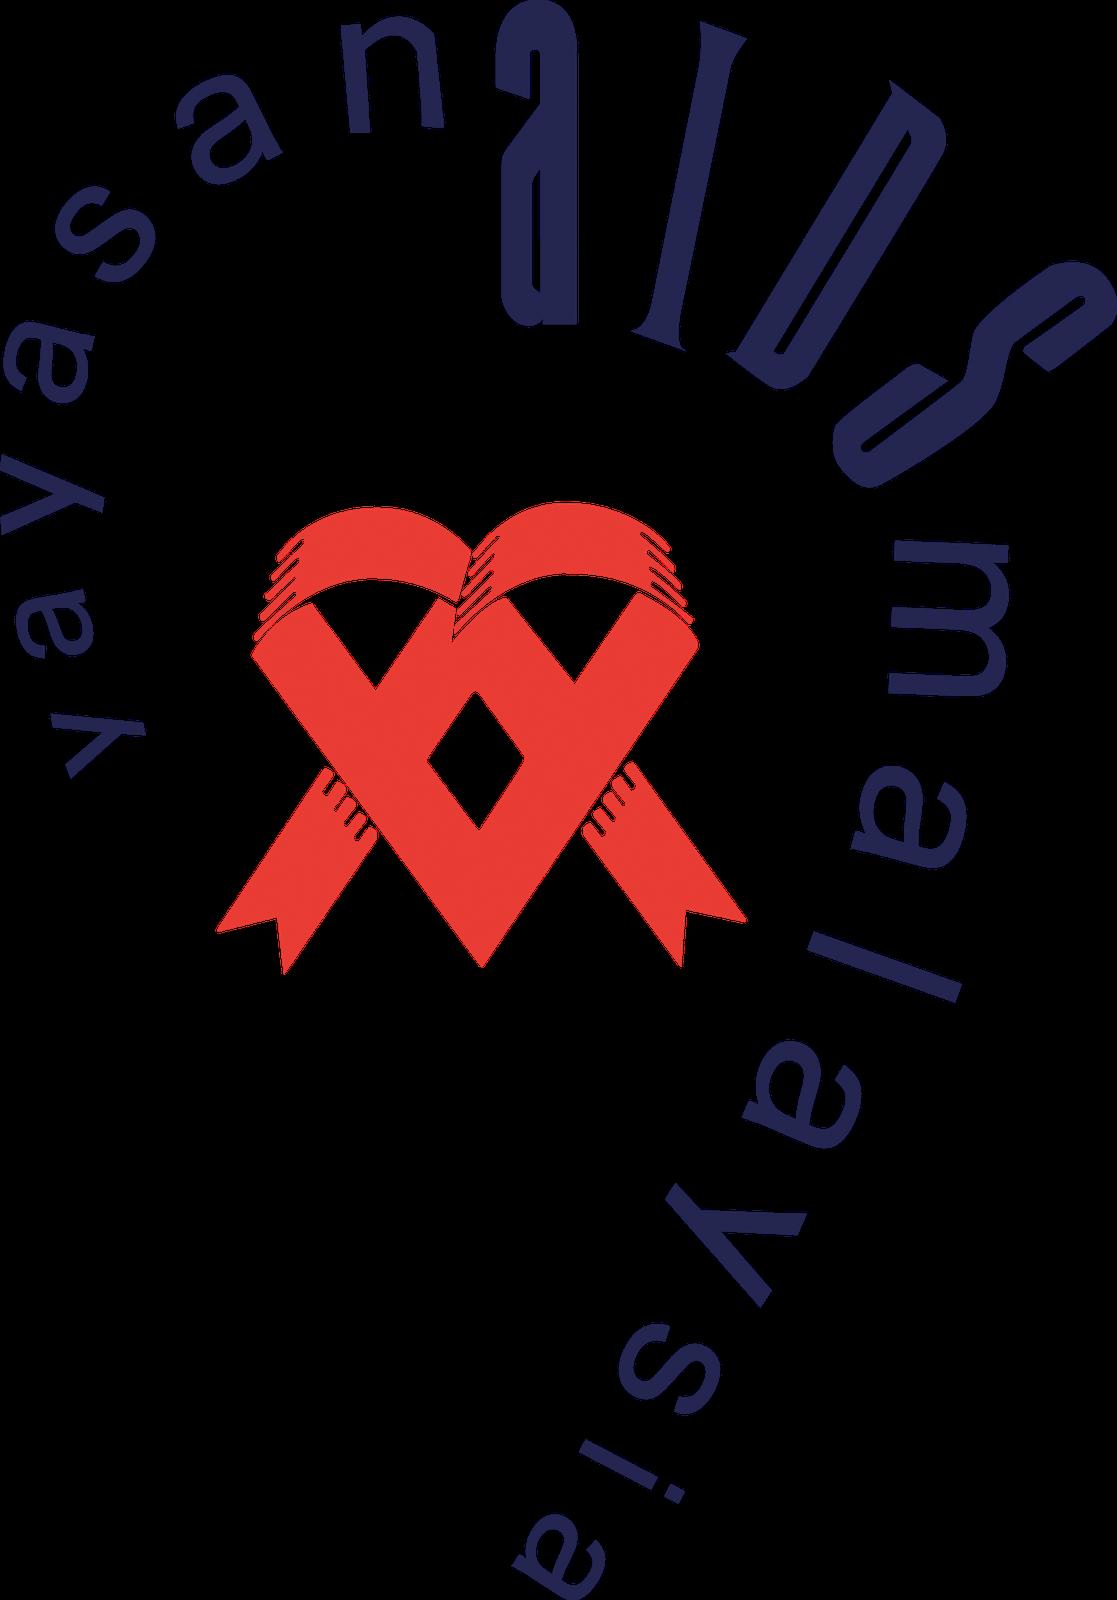 Yayasan AIDS Malaysia Logo photo - 1